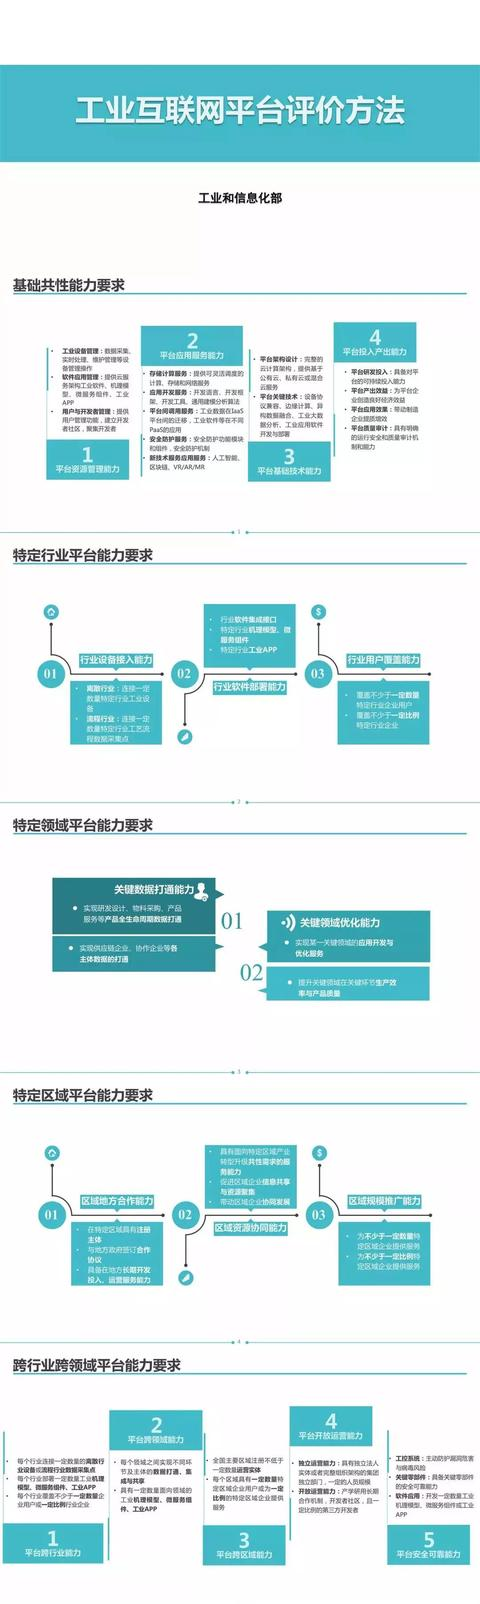 工信部今天发布两项关于工业互联网的通知